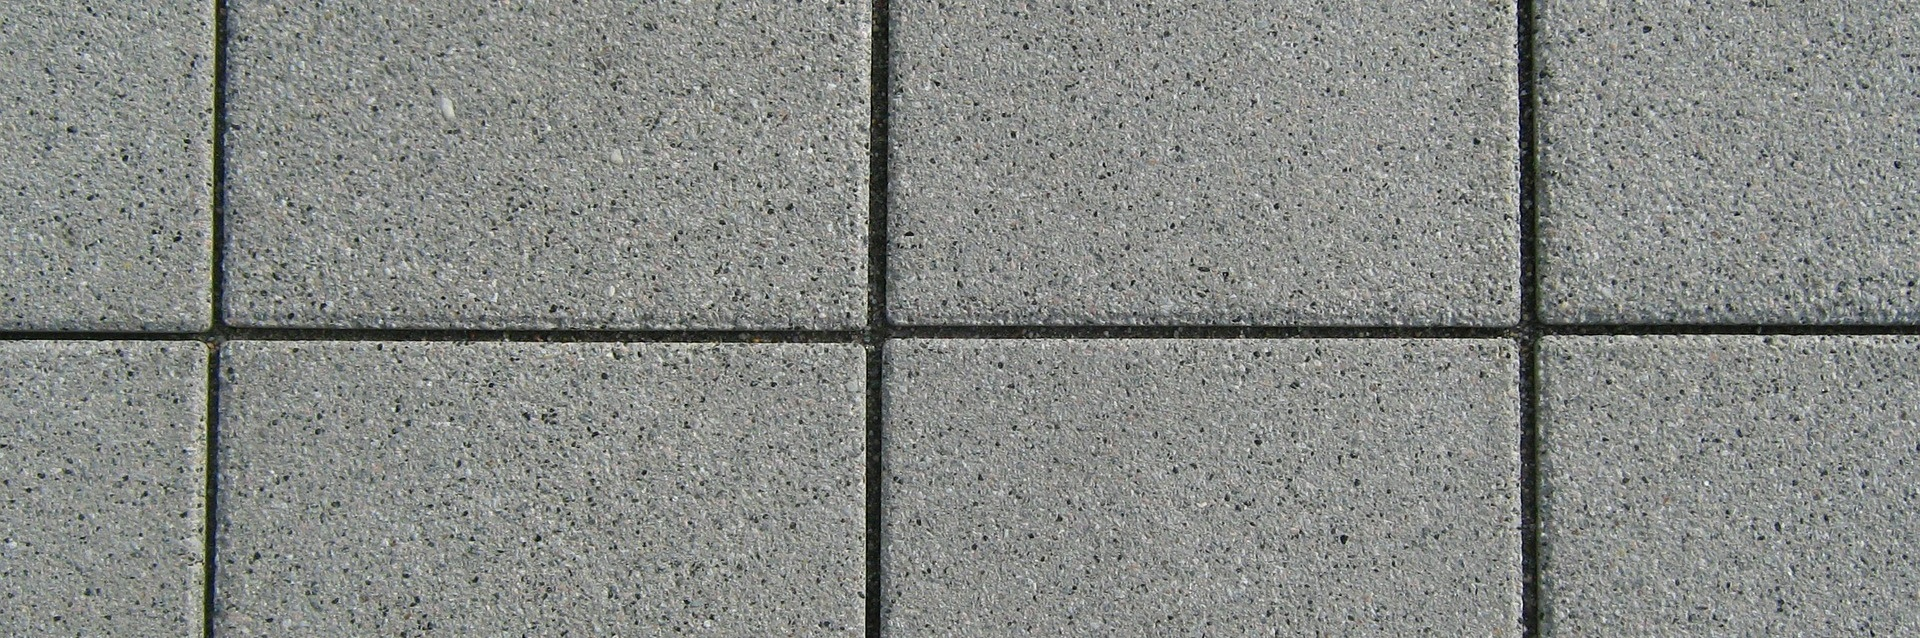 Suelo tecnico precio m2 trendy encuentre el mejor for Suelo radiante electrico precio m2